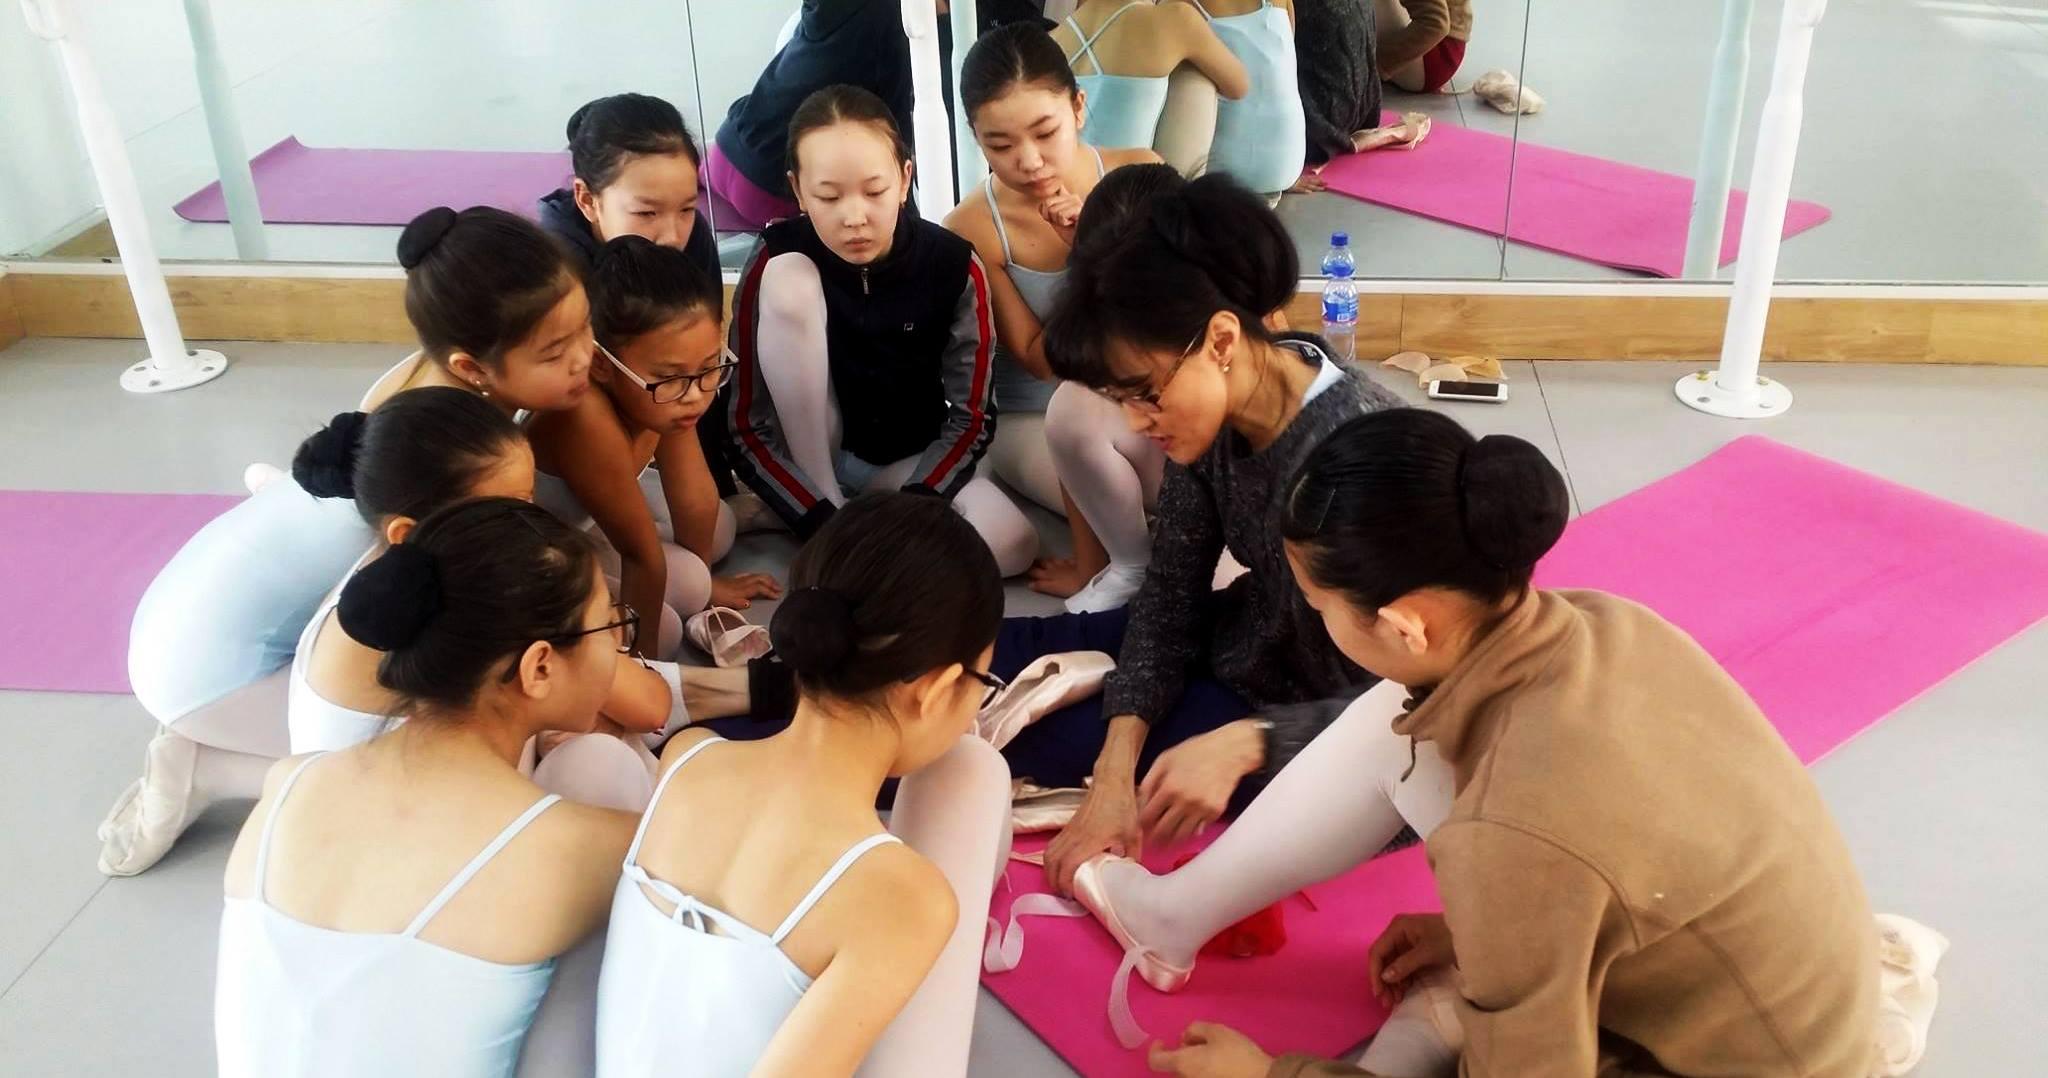 Ц.Жаргалан:Бүх насныхан балетаар хичээллэж нурууныбөгтөрөөзасах боломжтой